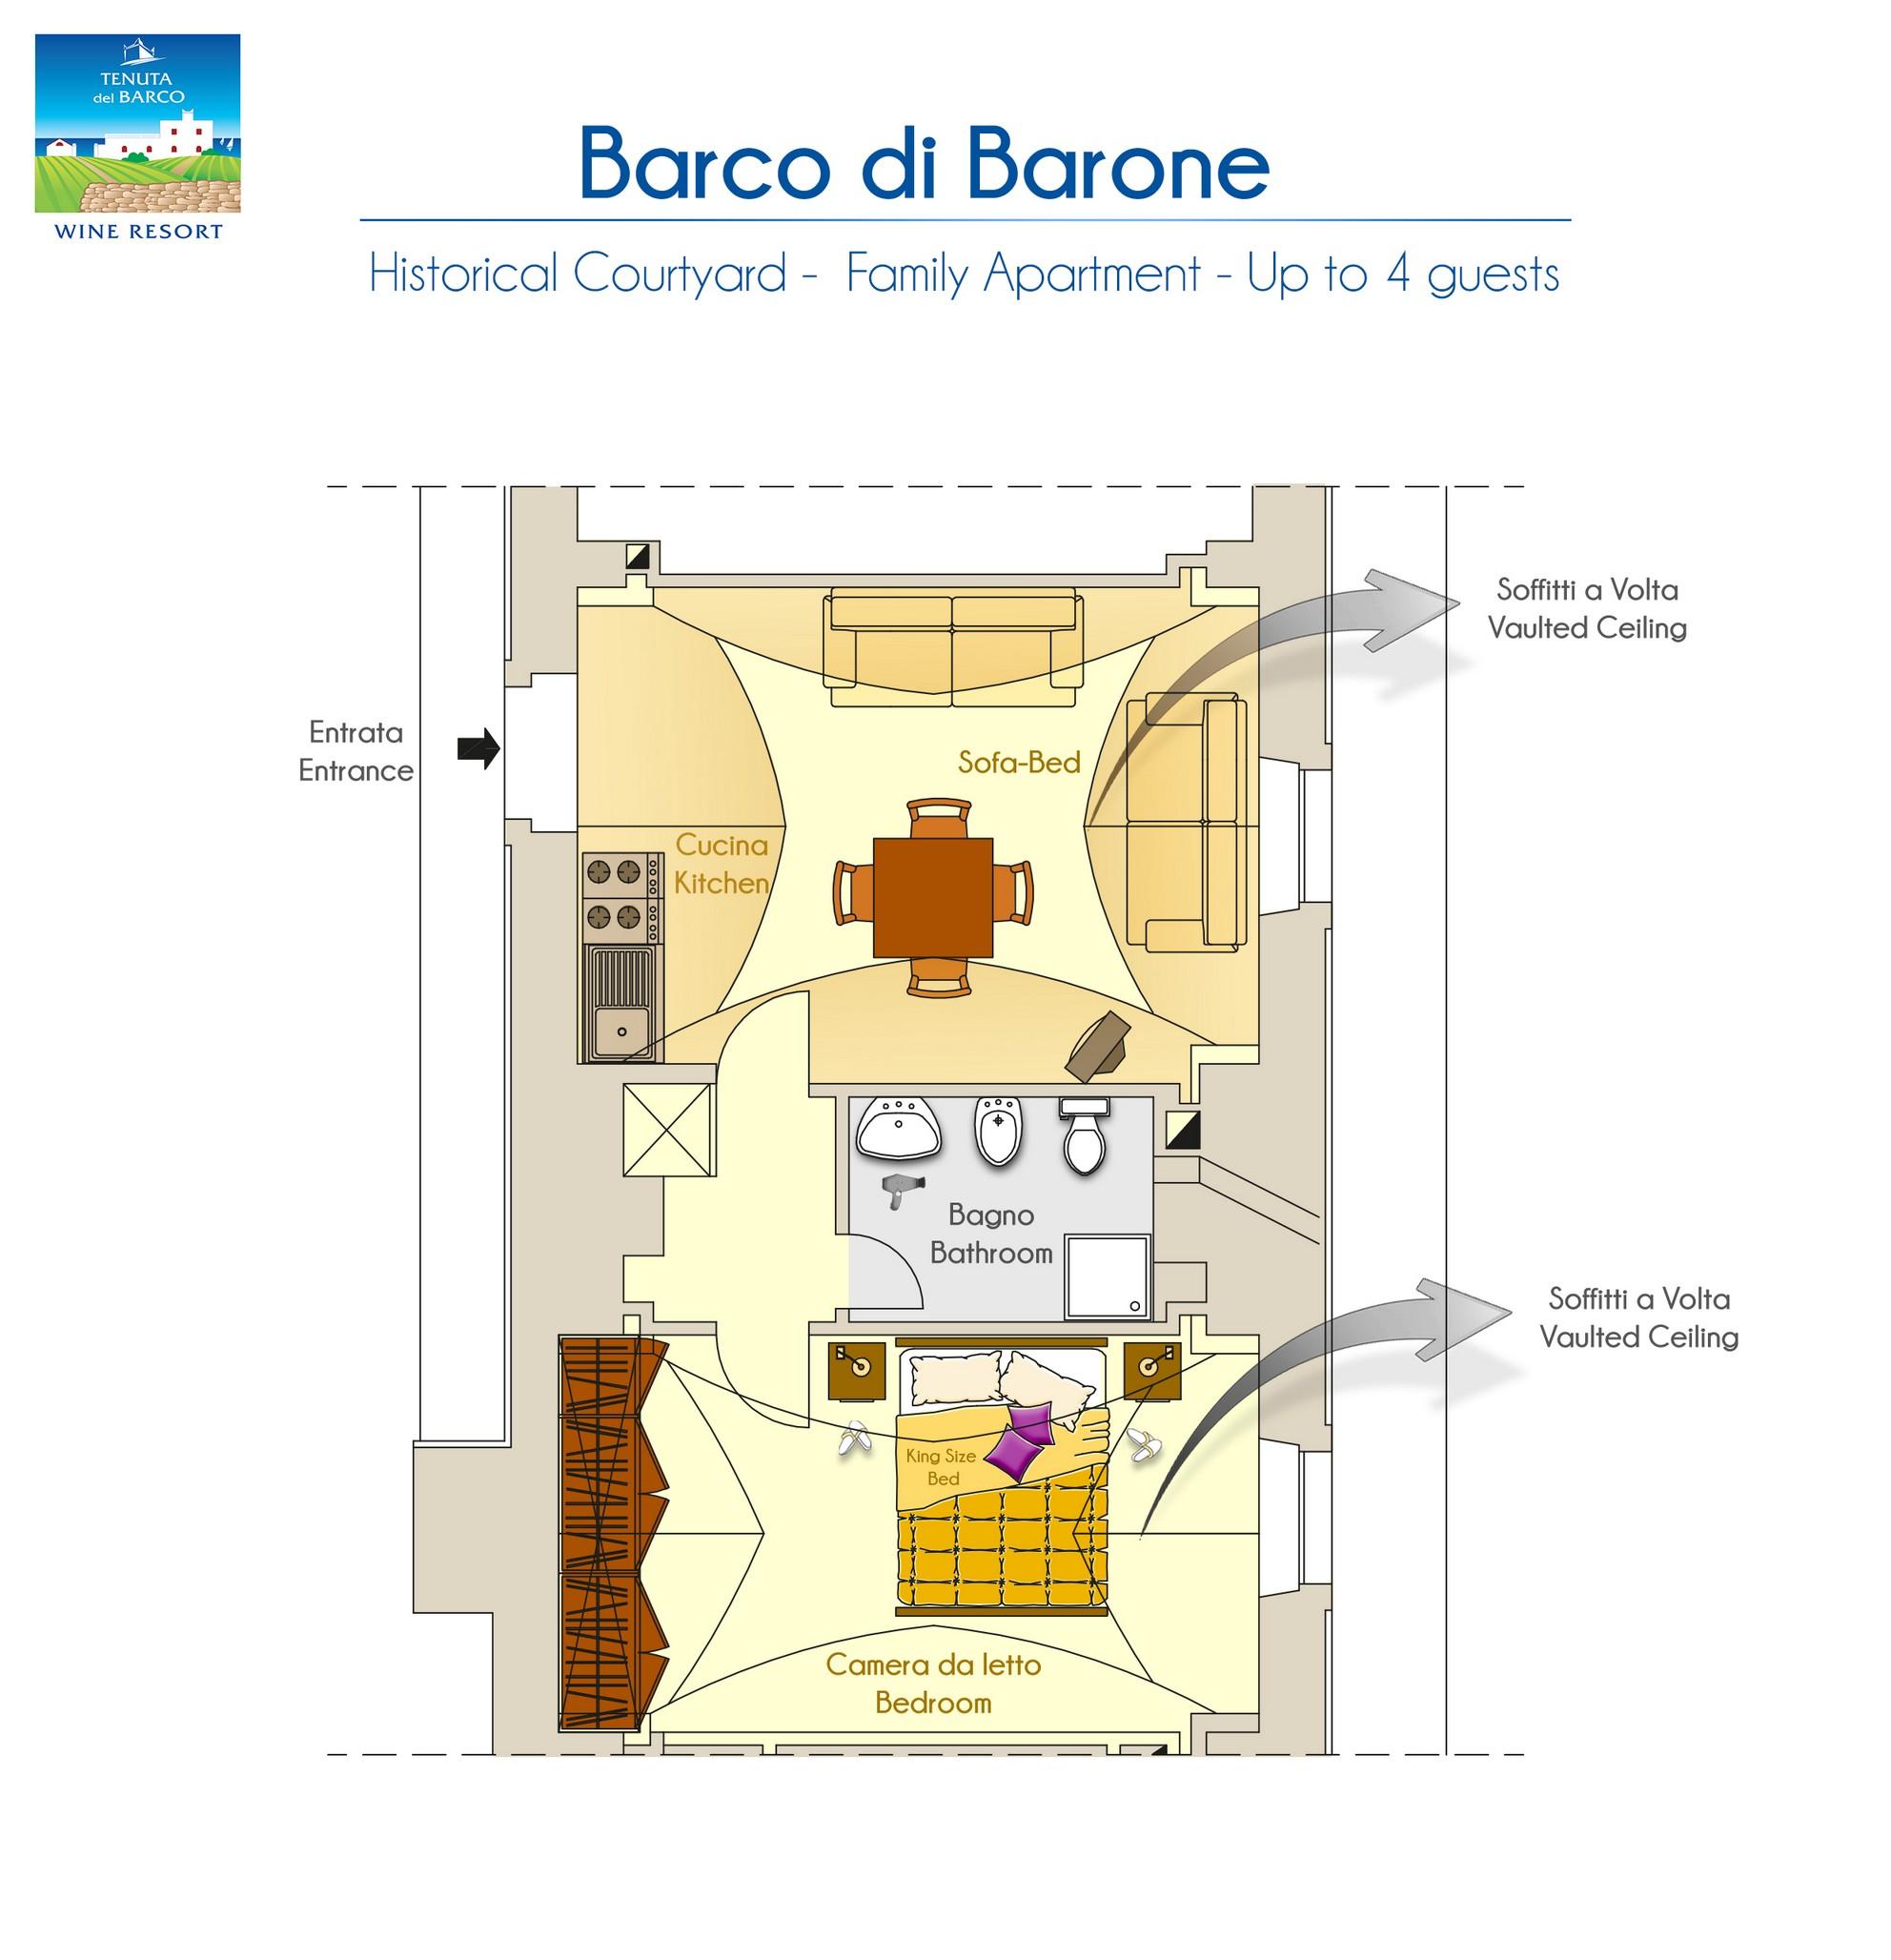 Barco di barone OK